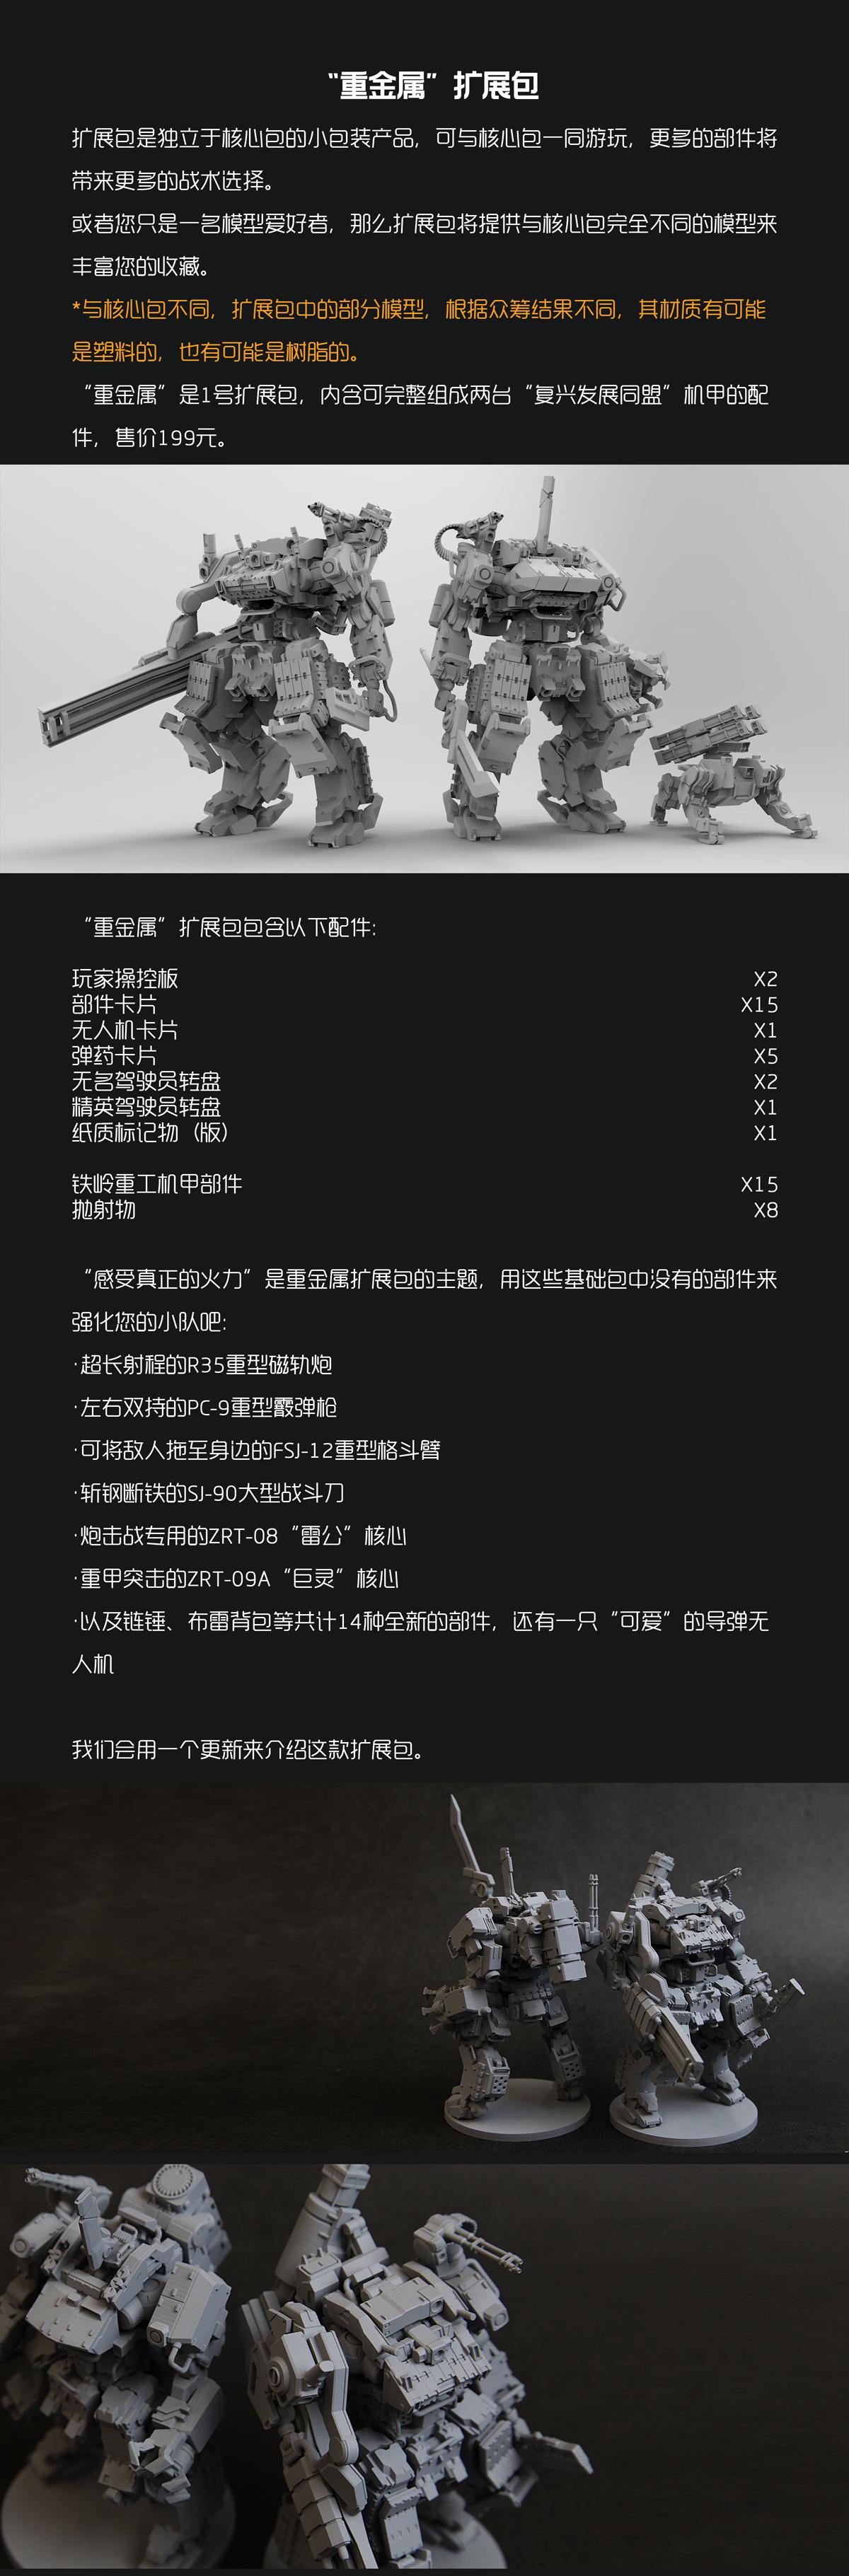 预售页面编辑-11.jpg